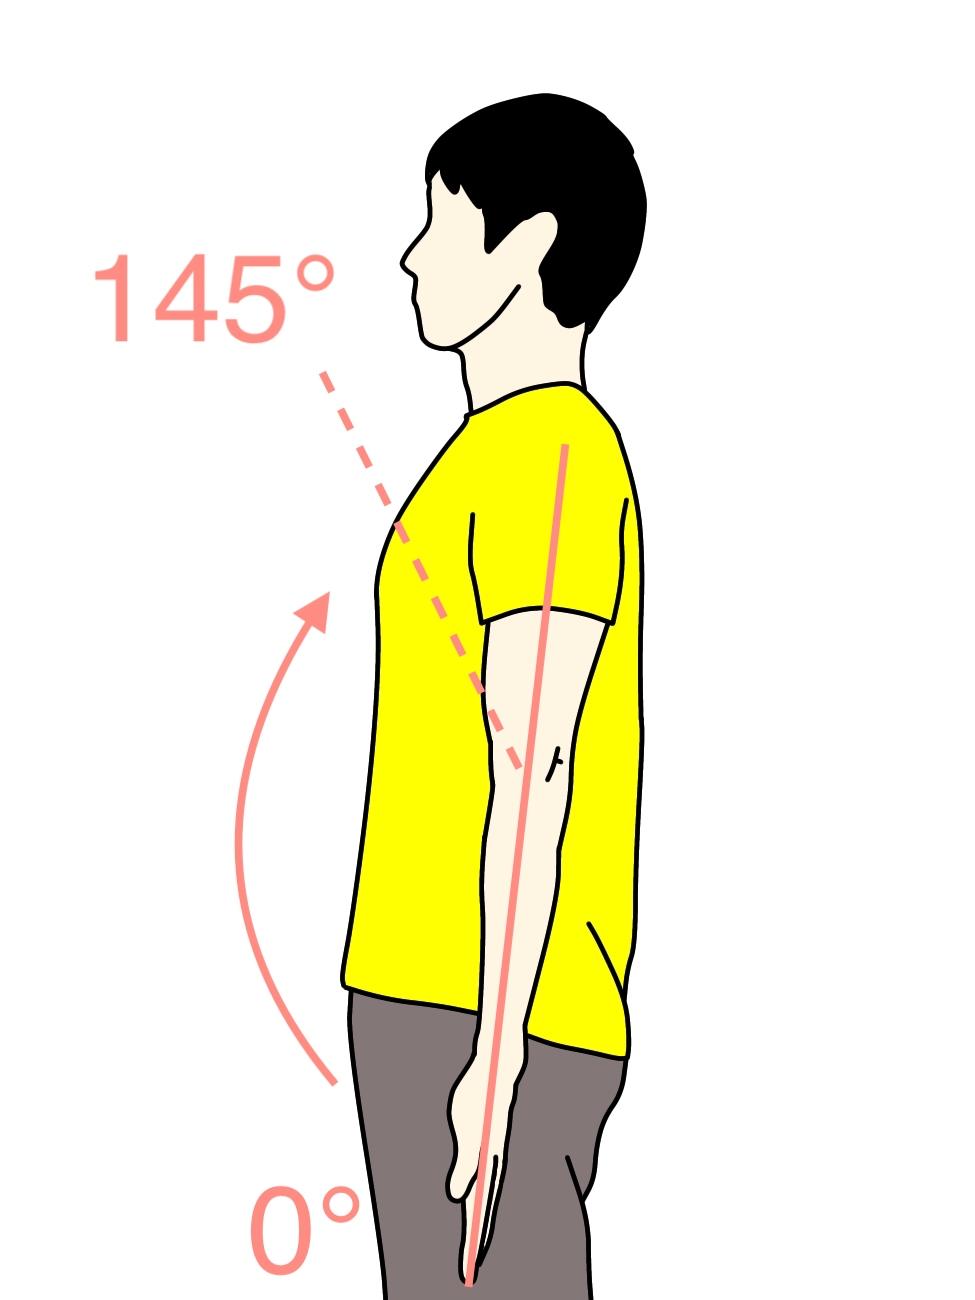 肘を曲げる動作(肘関節の屈曲)の関節可動域(ROM)と働く筋肉のまとめ